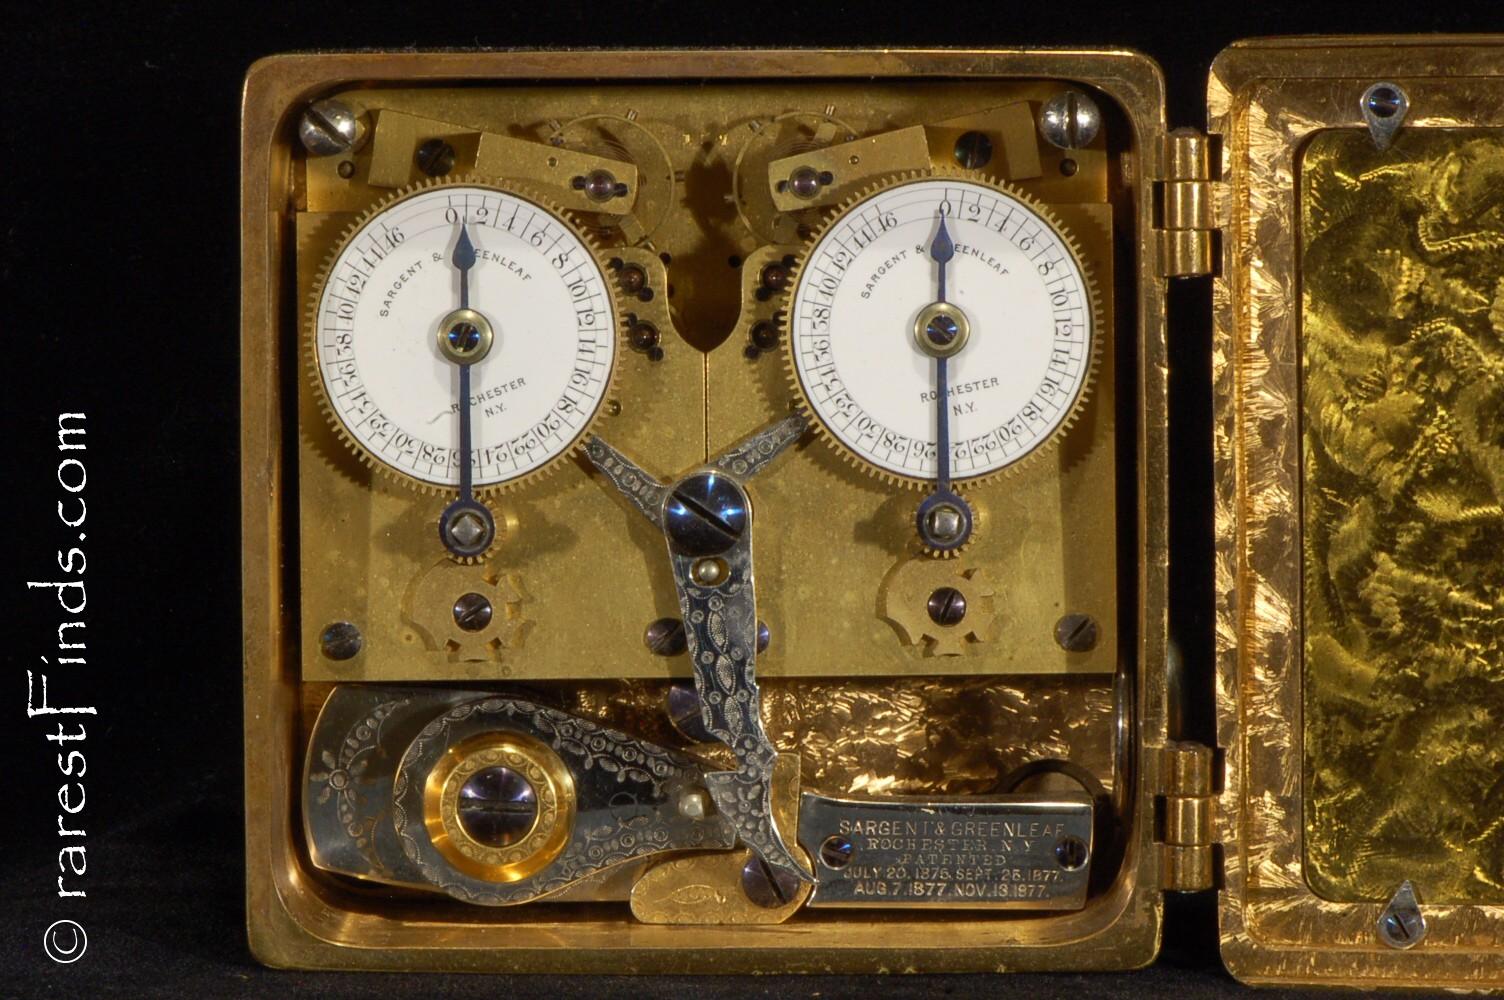 Sargent-and-Greenleaf-Safe-Time-Lock-model-2-7